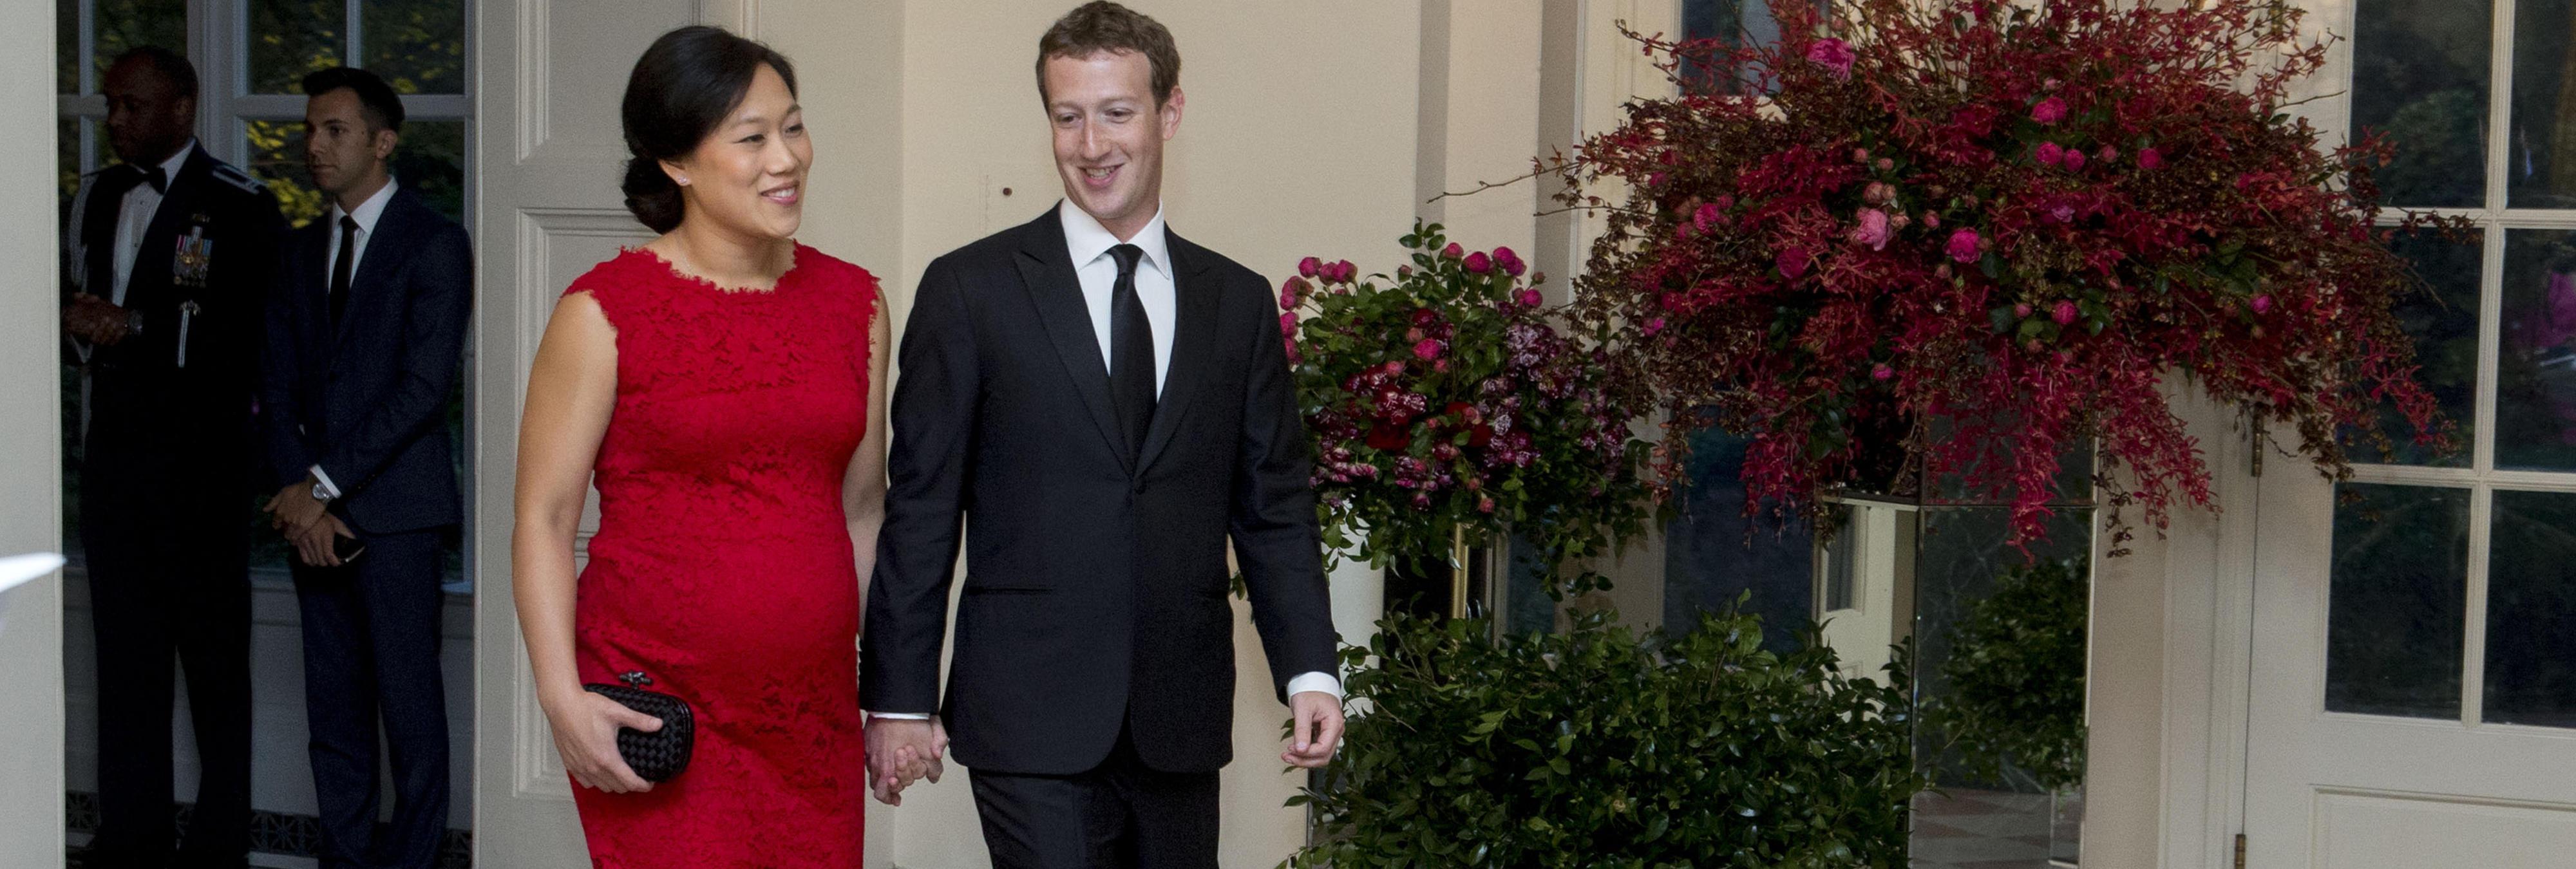 Mark Zuckerberg y su mujer donarán el 99% de sus acciones de Facebook